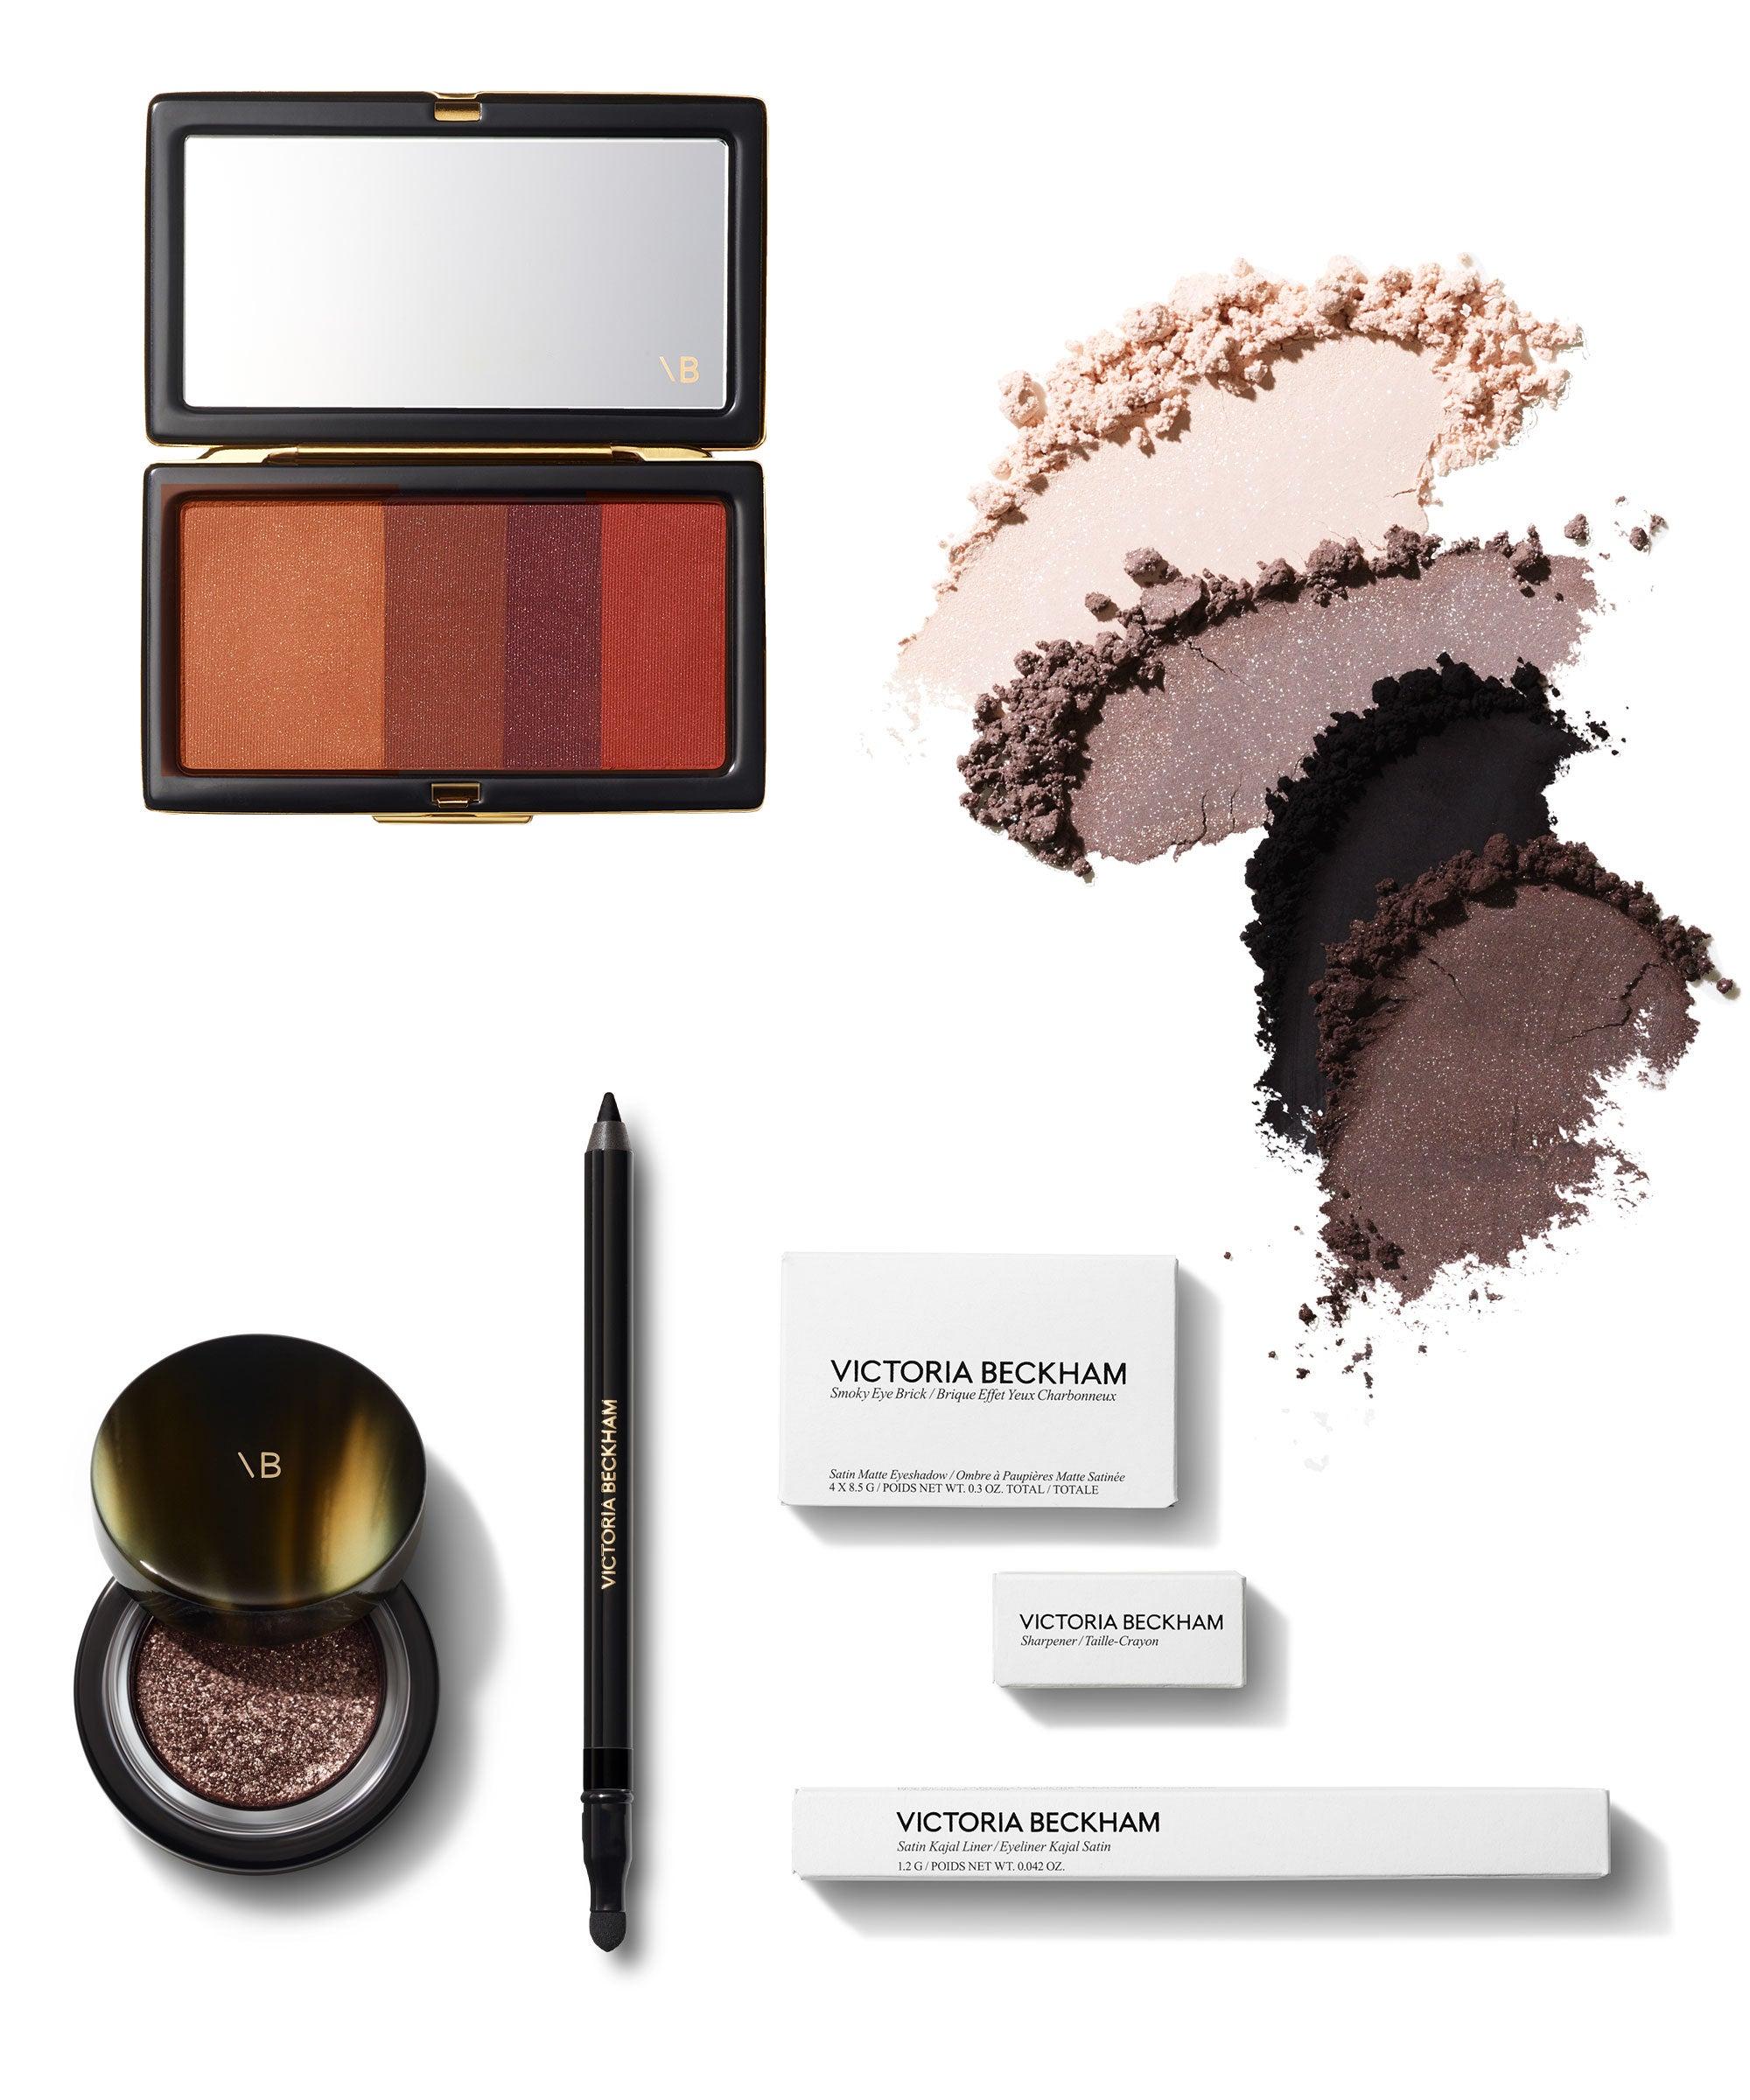 Victoria Beckham Beauty : une marque de luxe responsable pleine d'ambition